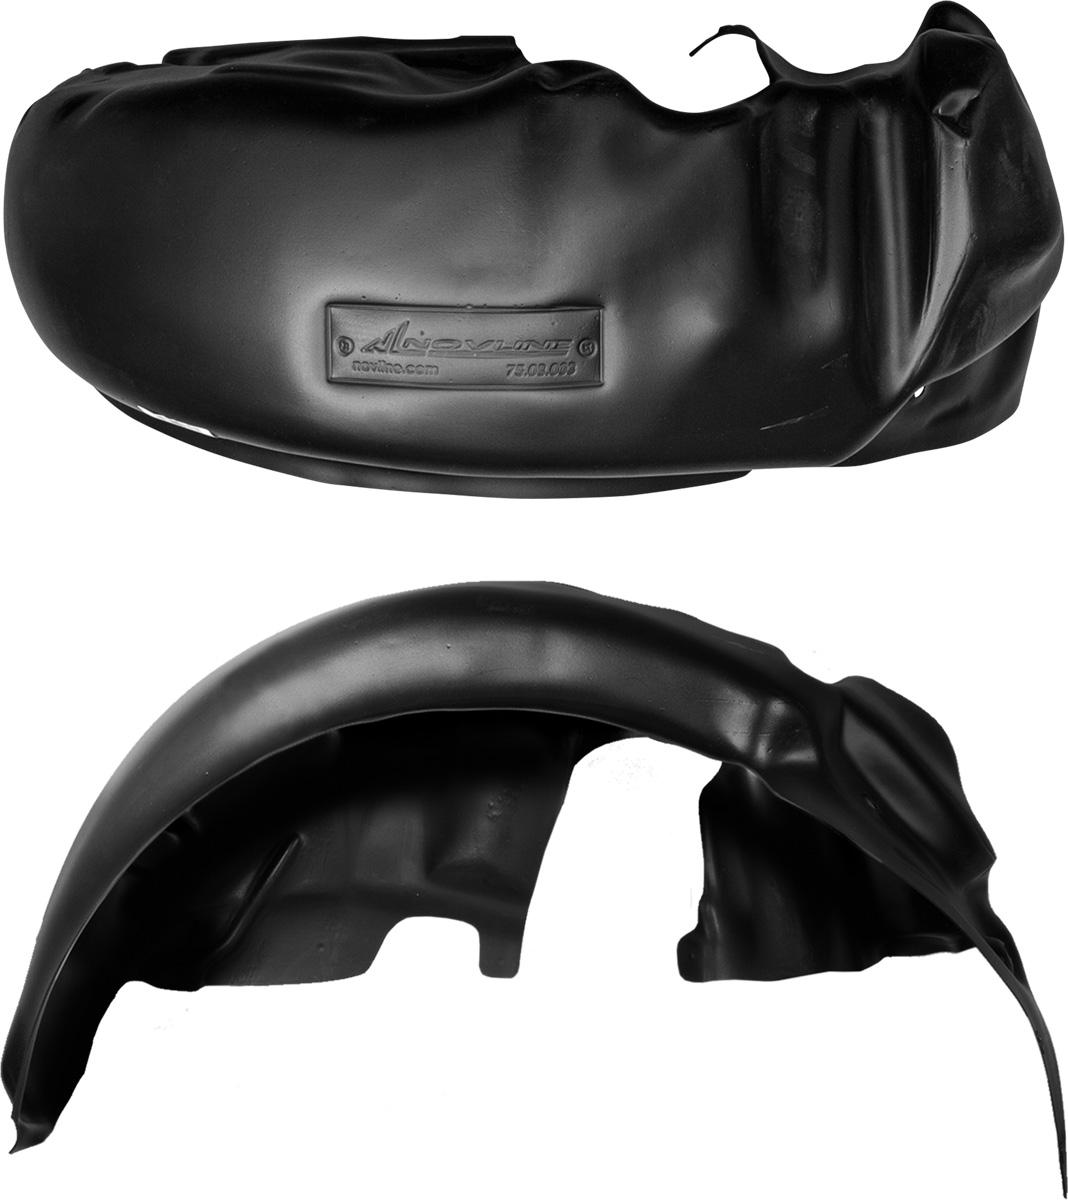 Подкрылок Novline-Autofamily, для УАЗ 3741, 1990->, передний левыйCA-3505Колесные ниши - одни из самых уязвимых зон днища вашего автомобиля. Они постоянно подвергаются воздействию со стороны дороги. Лучшая, почти абсолютная защита для них - специально отформованные пластиковые кожухи, которые называются подкрылками. Производятся они как для отечественных моделей автомобилей, так и для иномарок. Подкрылки Novline-Autofamily выполнены из высококачественного, экологически чистого пластика. Обеспечивают надежную защиту кузова автомобиля от пескоструйного эффекта и негативного влияния, агрессивных антигололедных реагентов. Пластик обладает более низкой теплопроводностью, чем металл, поэтому в зимний период эксплуатации использование пластиковых подкрылков позволяет лучше защитить колесные ниши от налипания снега и образования наледи. Оригинальность конструкции подчеркивает элегантность автомобиля, бережно защищает нанесенное на днище кузова антикоррозийное покрытие и позволяет осуществить крепление подкрылков внутри колесной арки практически без дополнительного крепежа и сверления, не нарушая при этом лакокрасочного покрытия, что предотвращает возникновение новых очагов коррозии. Подкрылки долговечны, обладают высокой прочностью и сохраняют заданную форму, а также все свои физико-механические характеристики в самых тяжелых климатических условиях (от -50°С до +50°С).Уважаемые клиенты!Обращаем ваше внимание, на тот факт, что подкрылок имеет форму, соответствующую модели данного автомобиля. Фото служит для визуального восприятия товара.